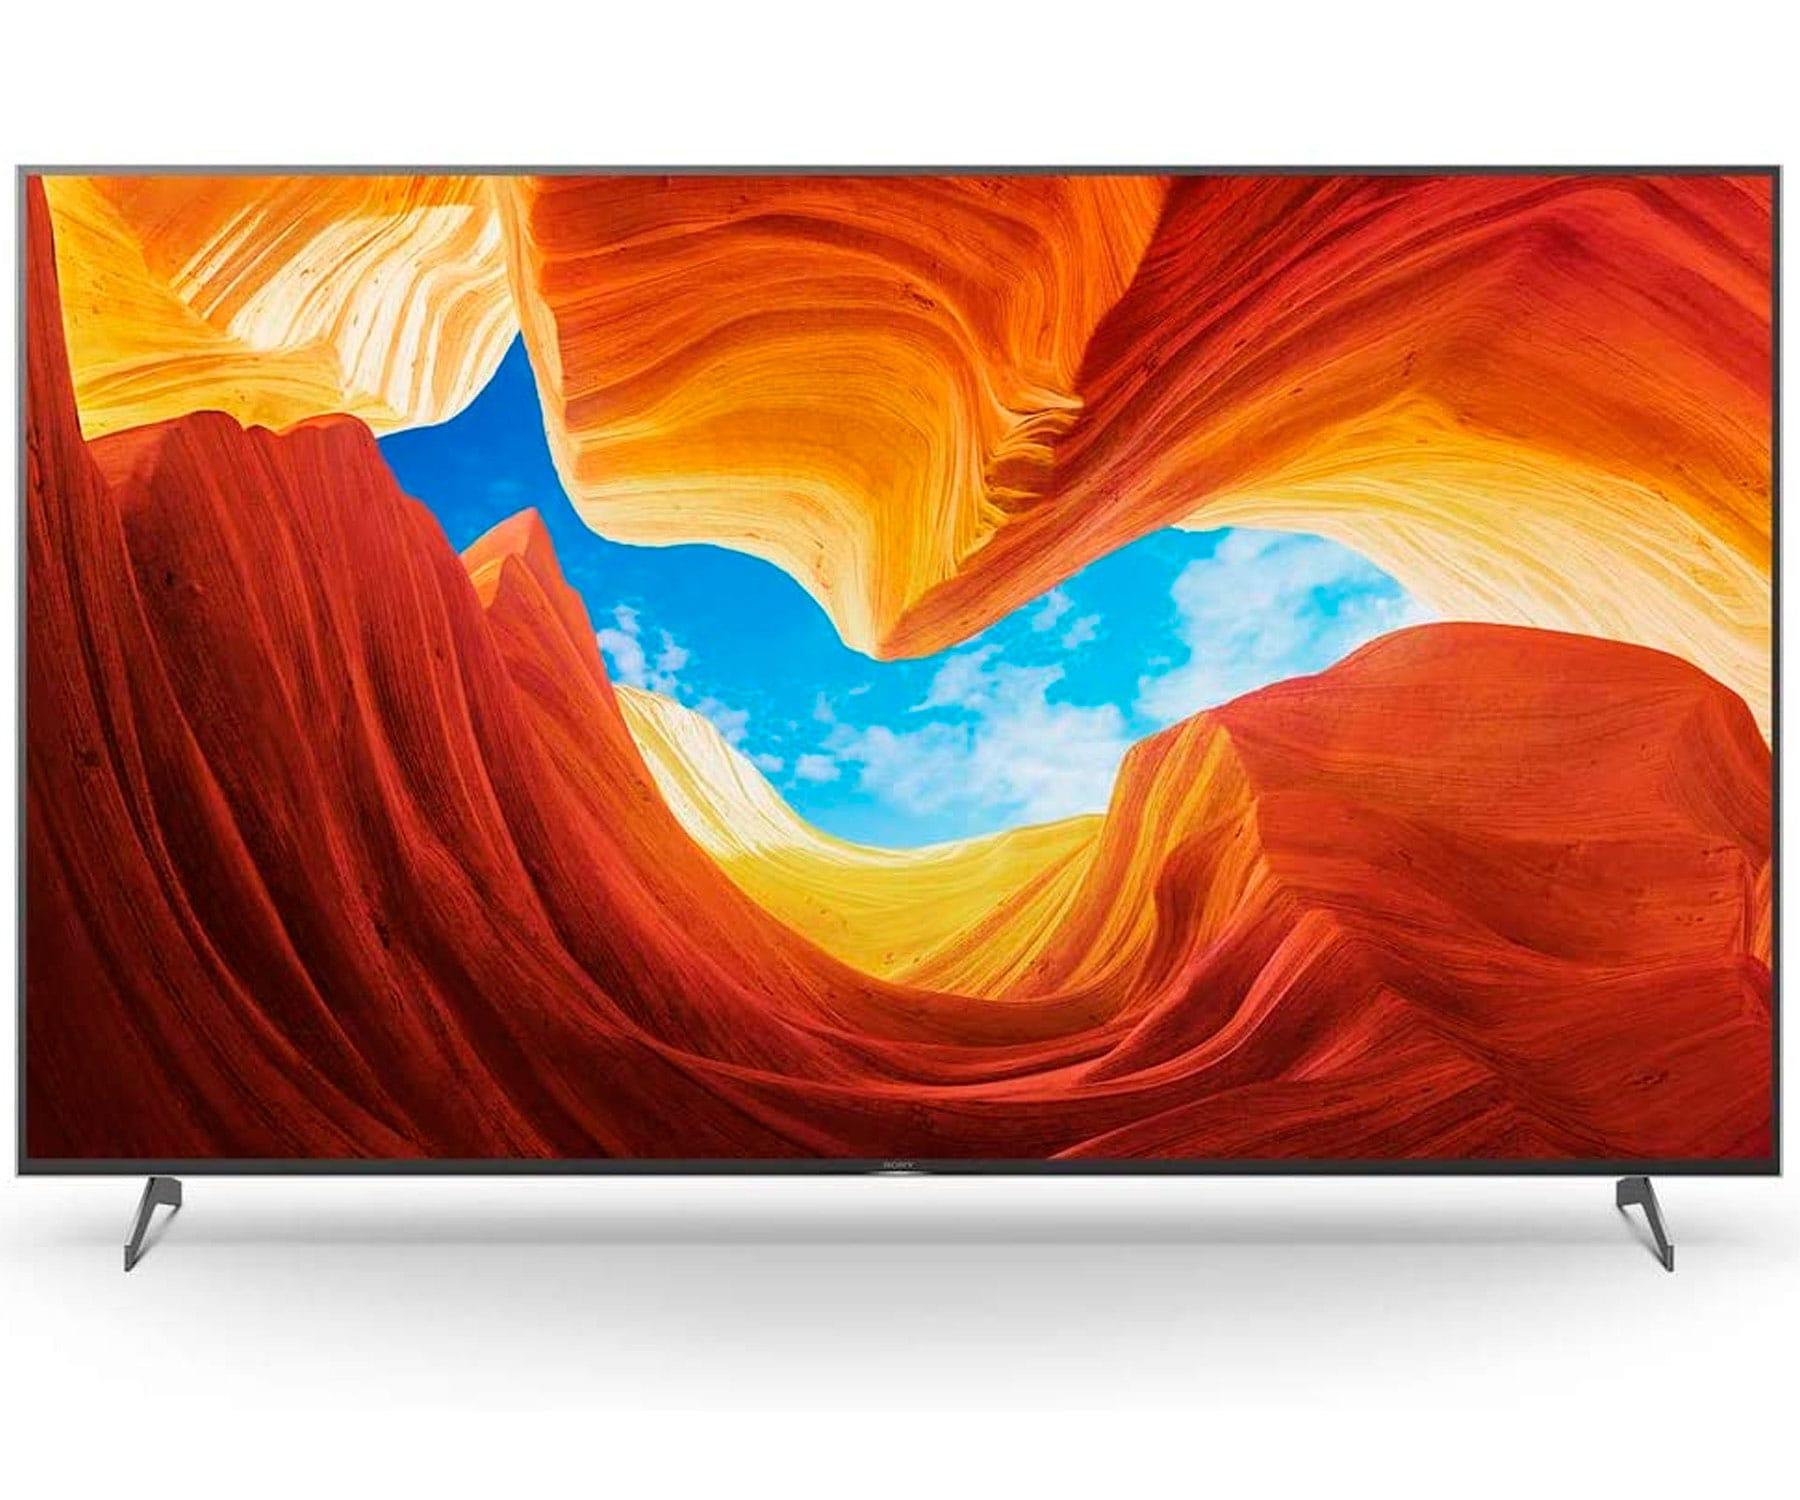 SONY KD-65XH9096 TELEVISOR 65'' LCD FULL ARRAY LED UHD 4K HDR ANDROID TV CHROMECAST INTEGRADO